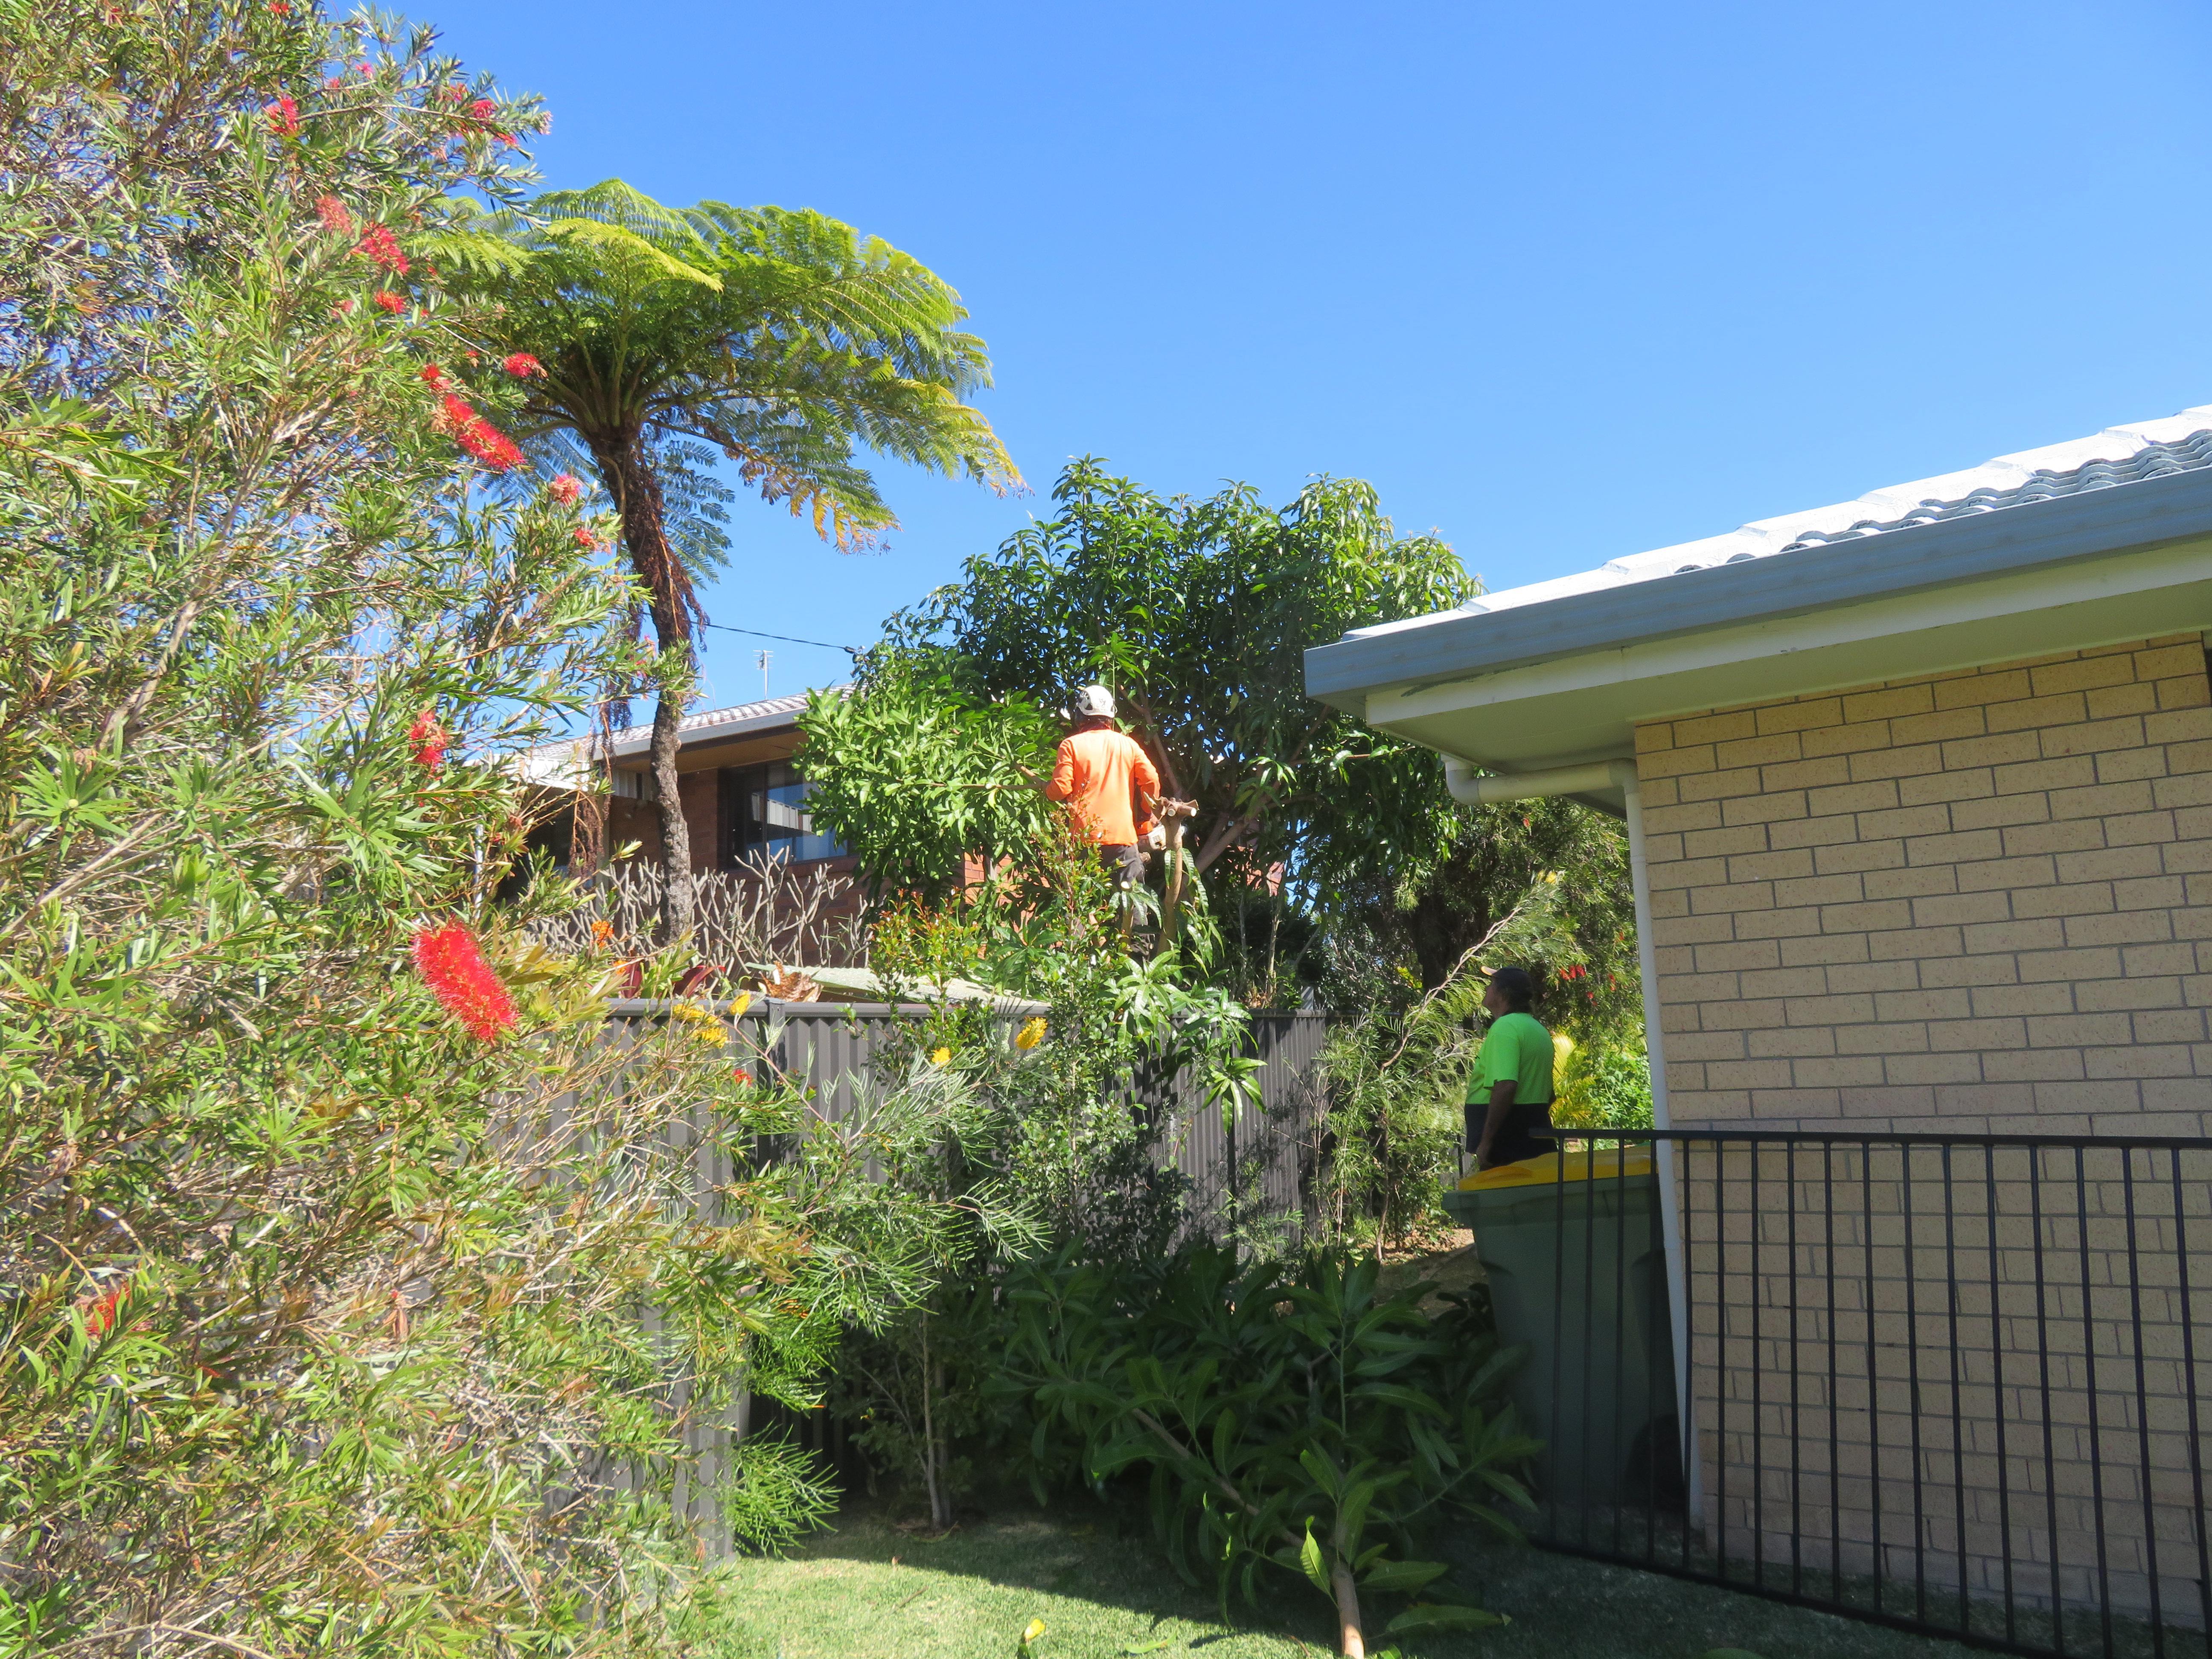 big jim pruning trees august flowers 004_5184x3888